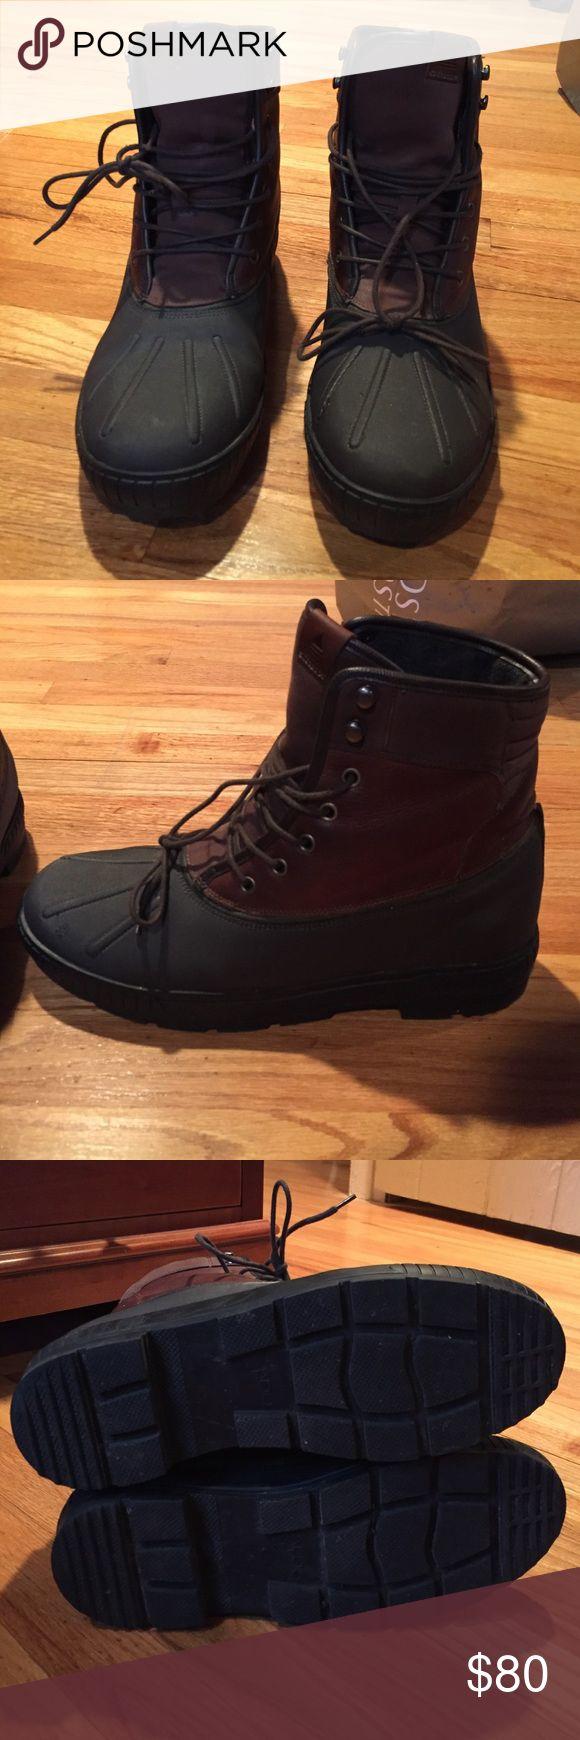 Men's Aldo Boot Waterproof Men's size 11 Aldo waterproof duck boot Aldo Shoes Boots